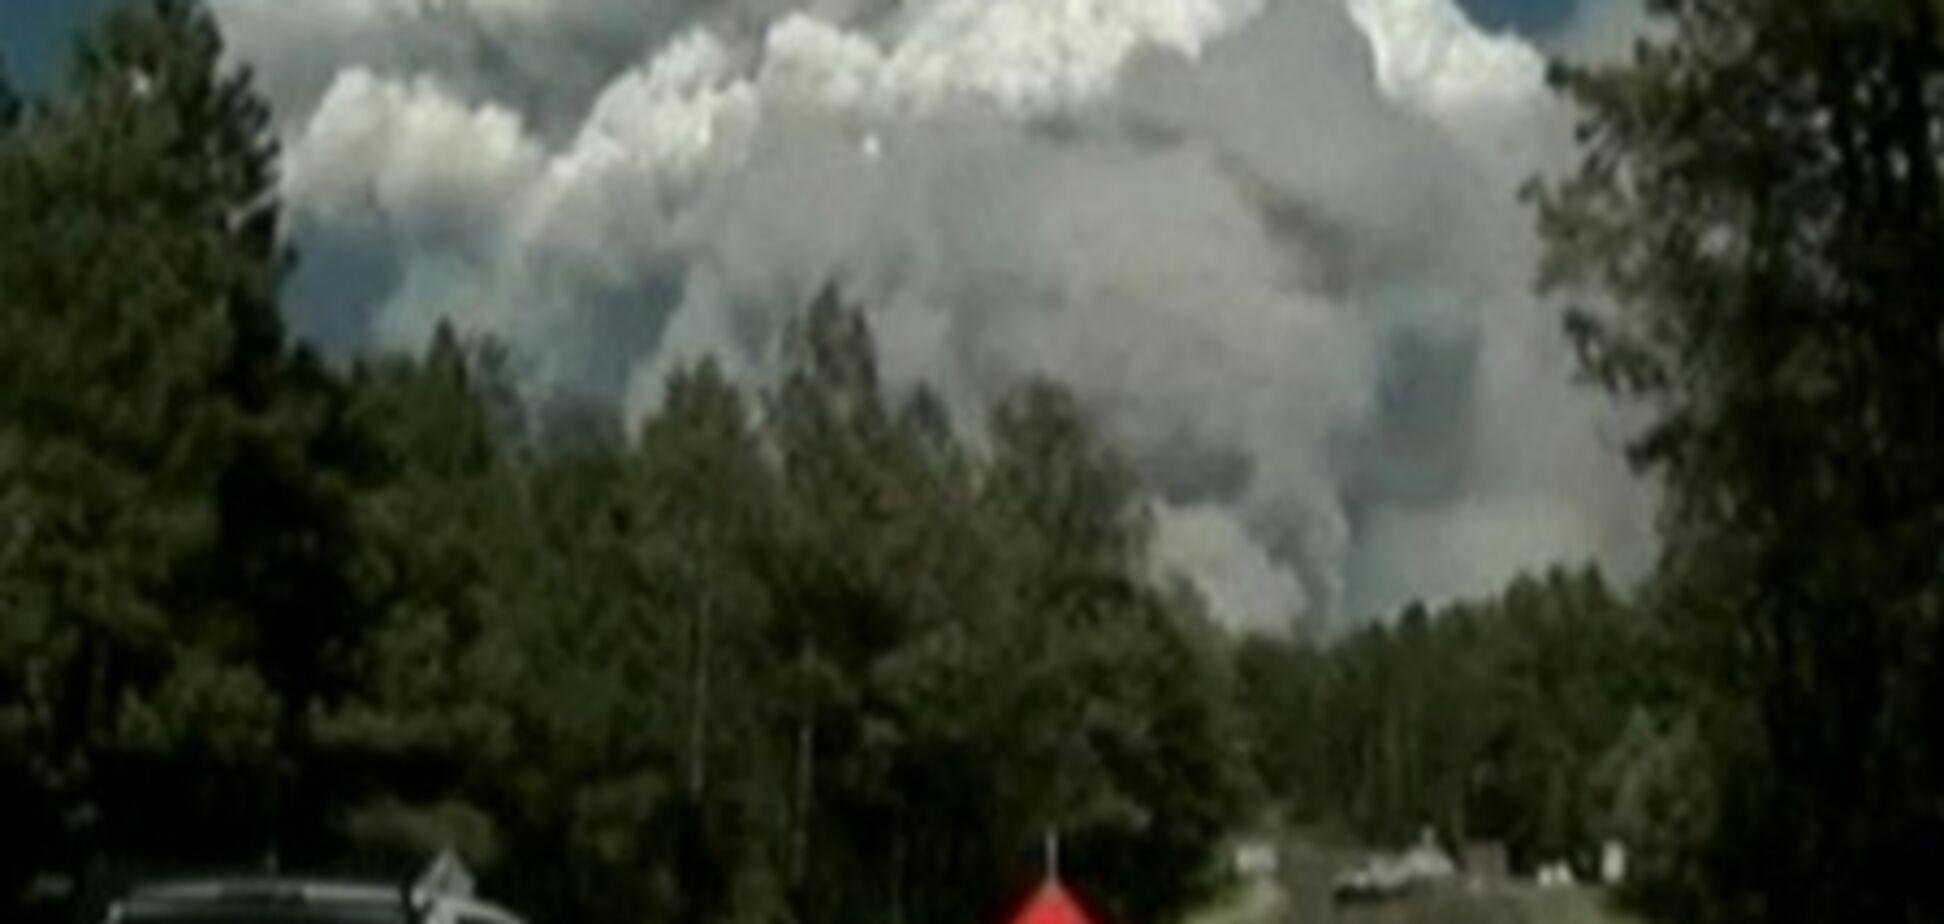 Эвакуированные из-за угрозы взрыва на АЭС жители вернулись домой